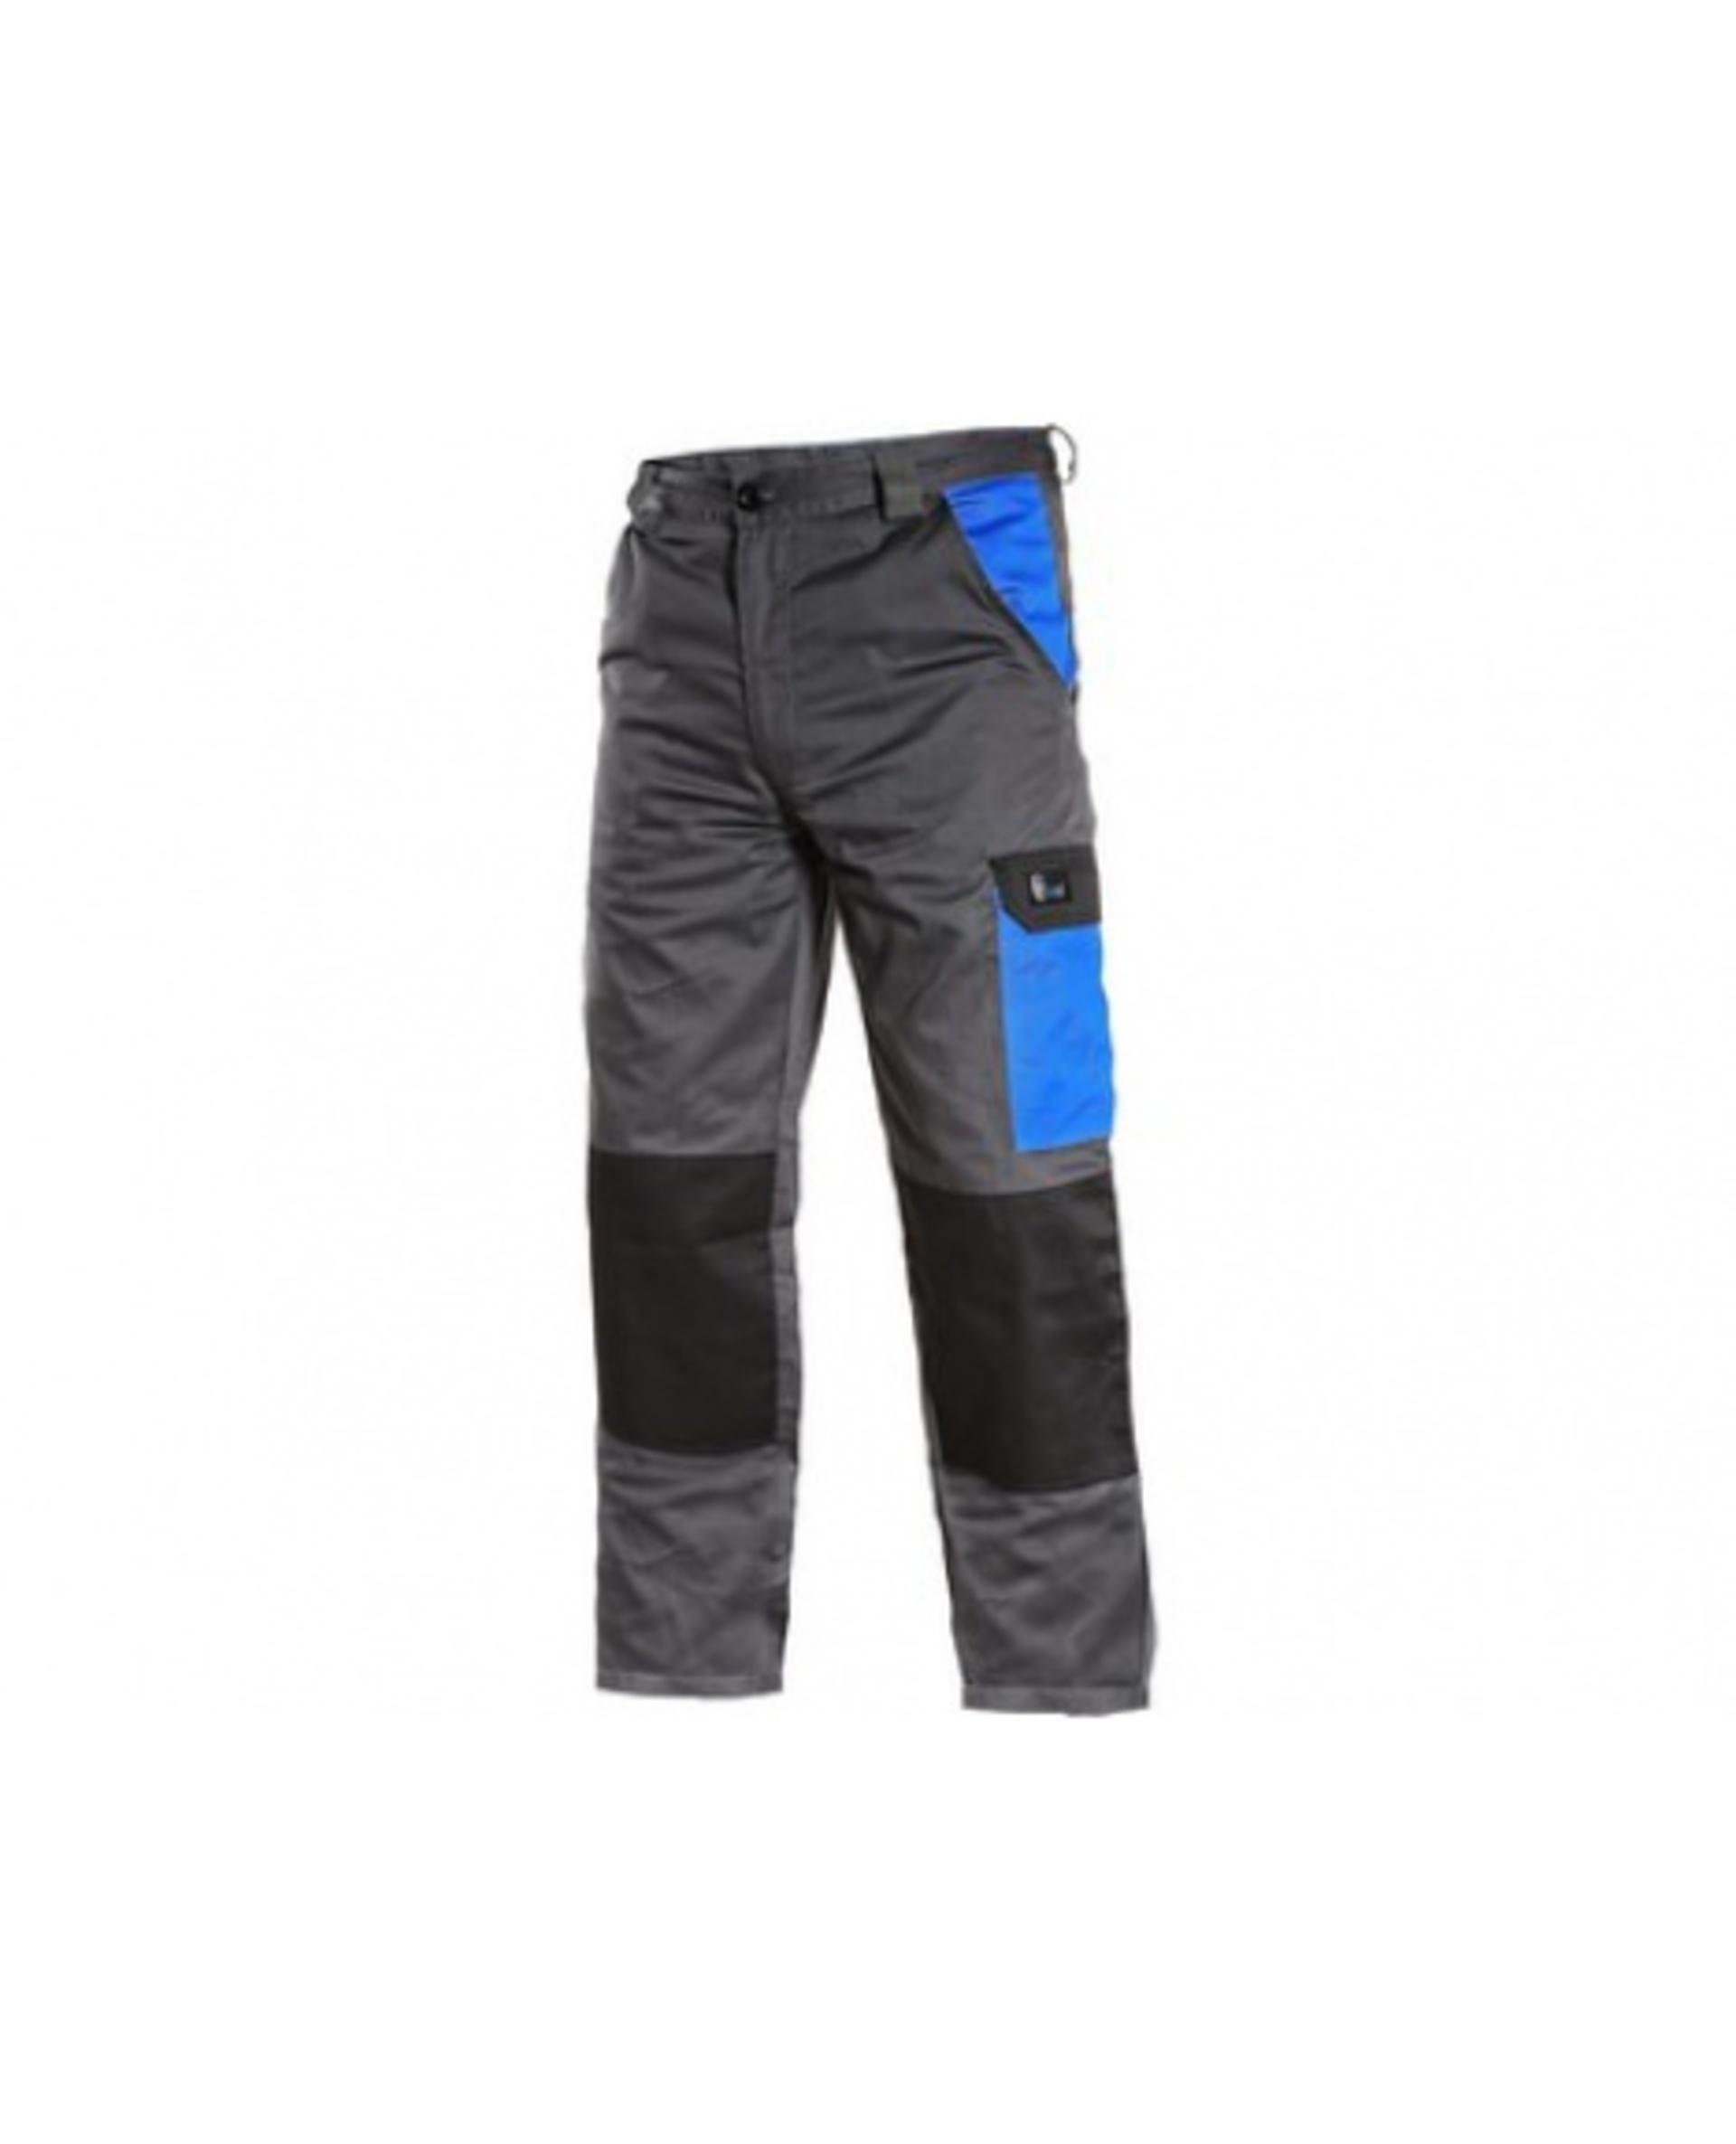 CXS PHOENIX CEFEUS pánské Kalhoty pracovní do pasu šedá/modrá 64